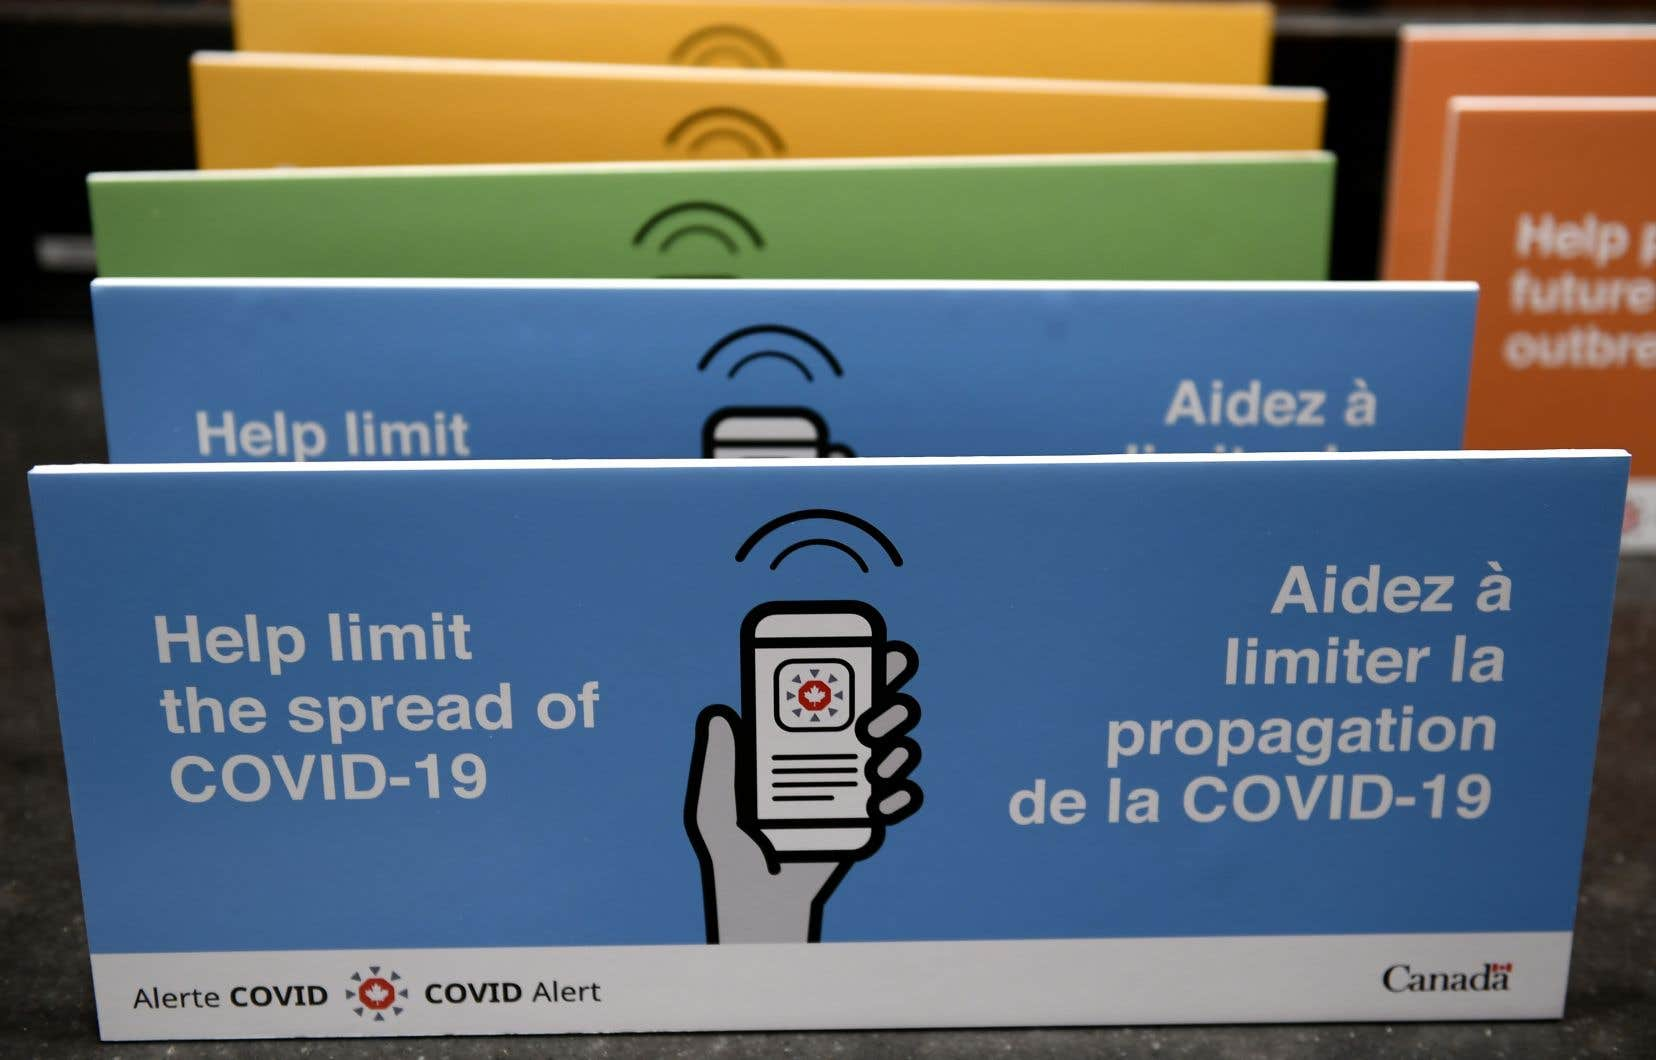 Ottawa a lancé le mois dernier l'application Alerte COVID, qui prévient les utilisateurs s'étant trouvés près de personnes déclarées positives à la maladie.